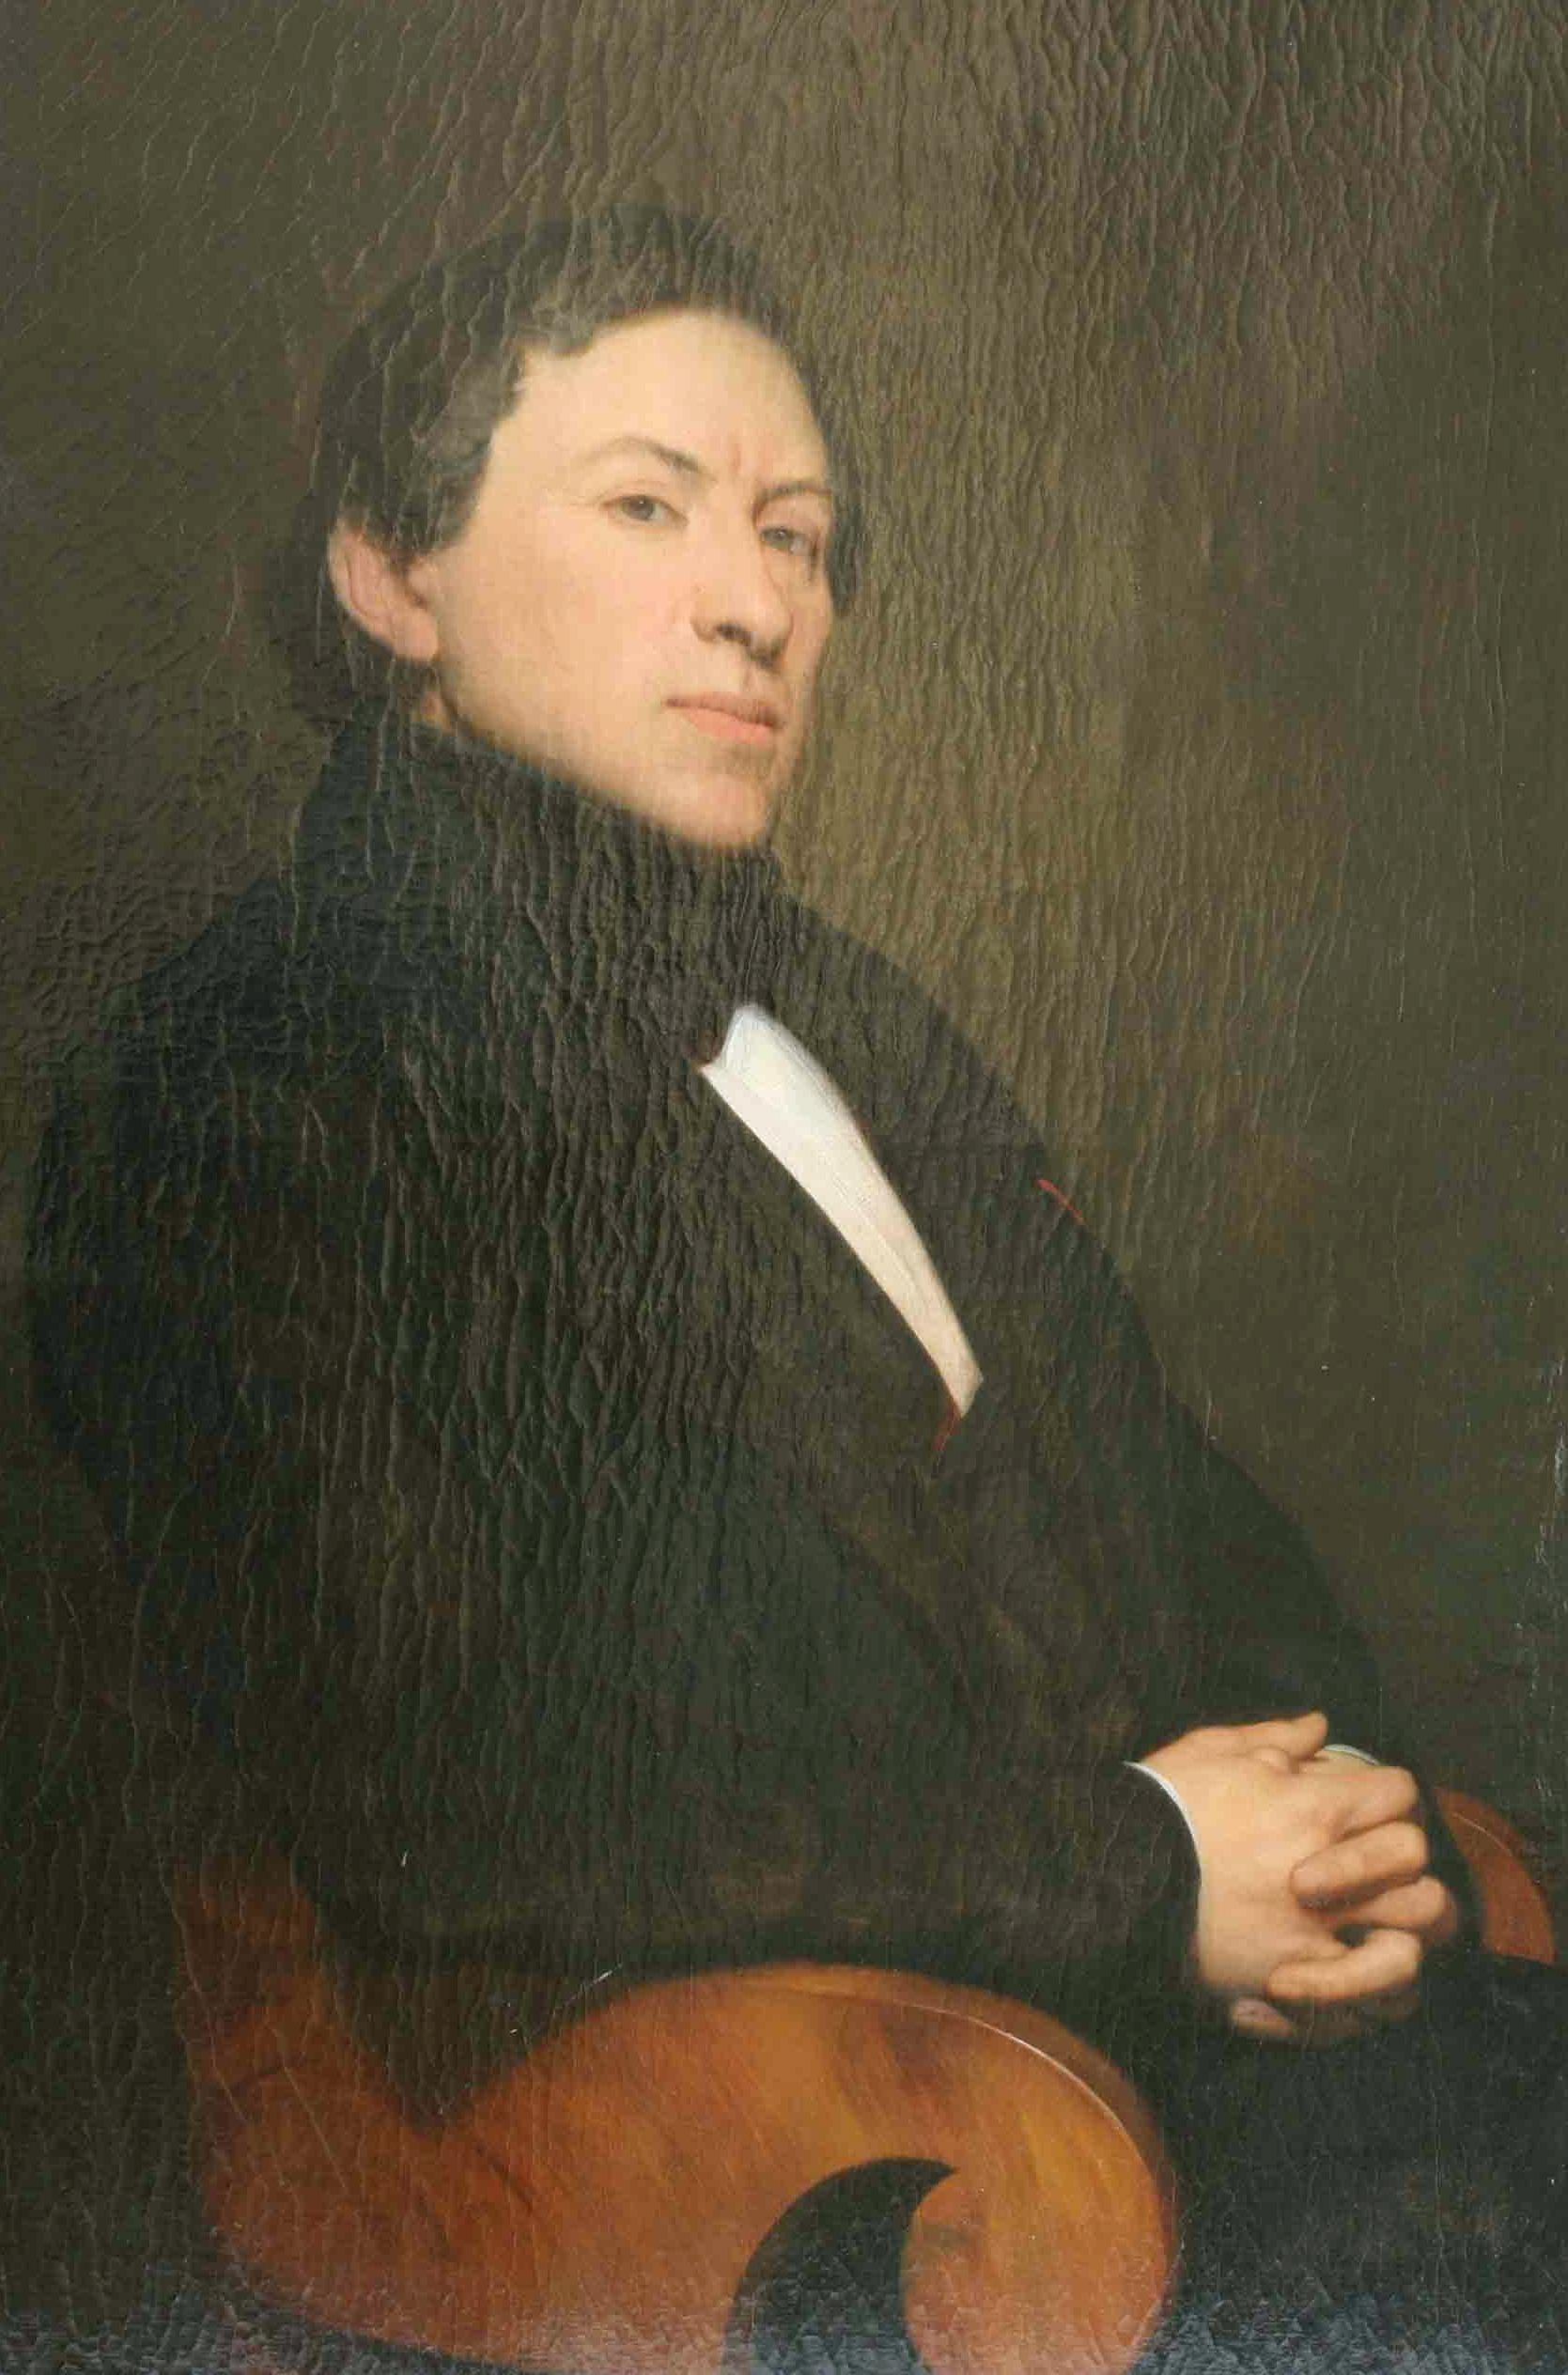 Fould, Goldschmidt, von Gutmann, sur les pas des grandes familles juives du 19e siècle